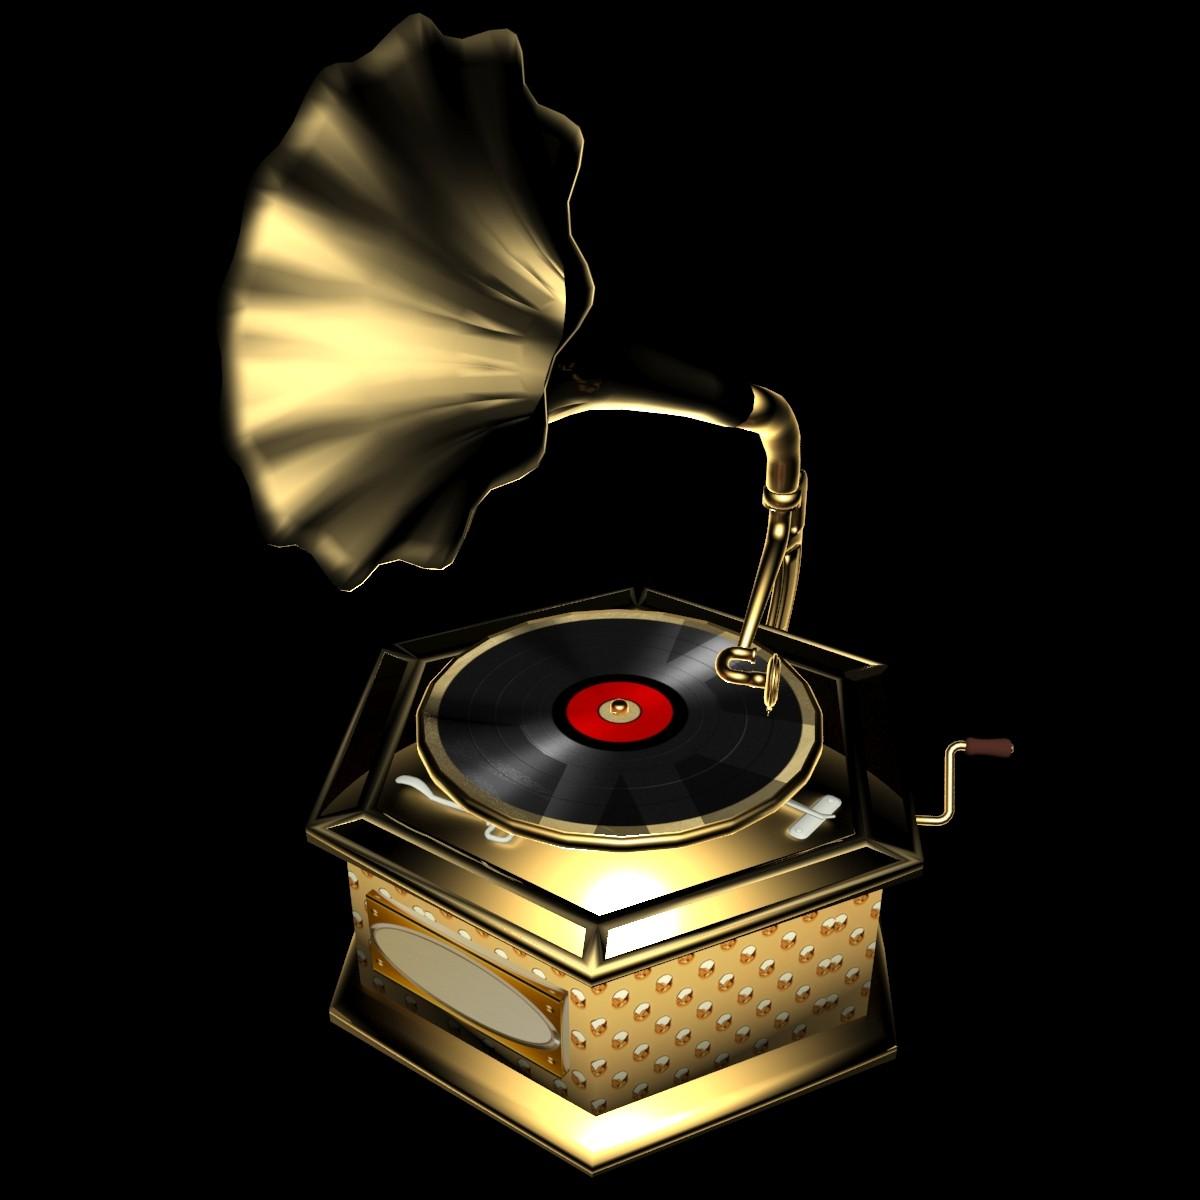 gramophoneH.jpg